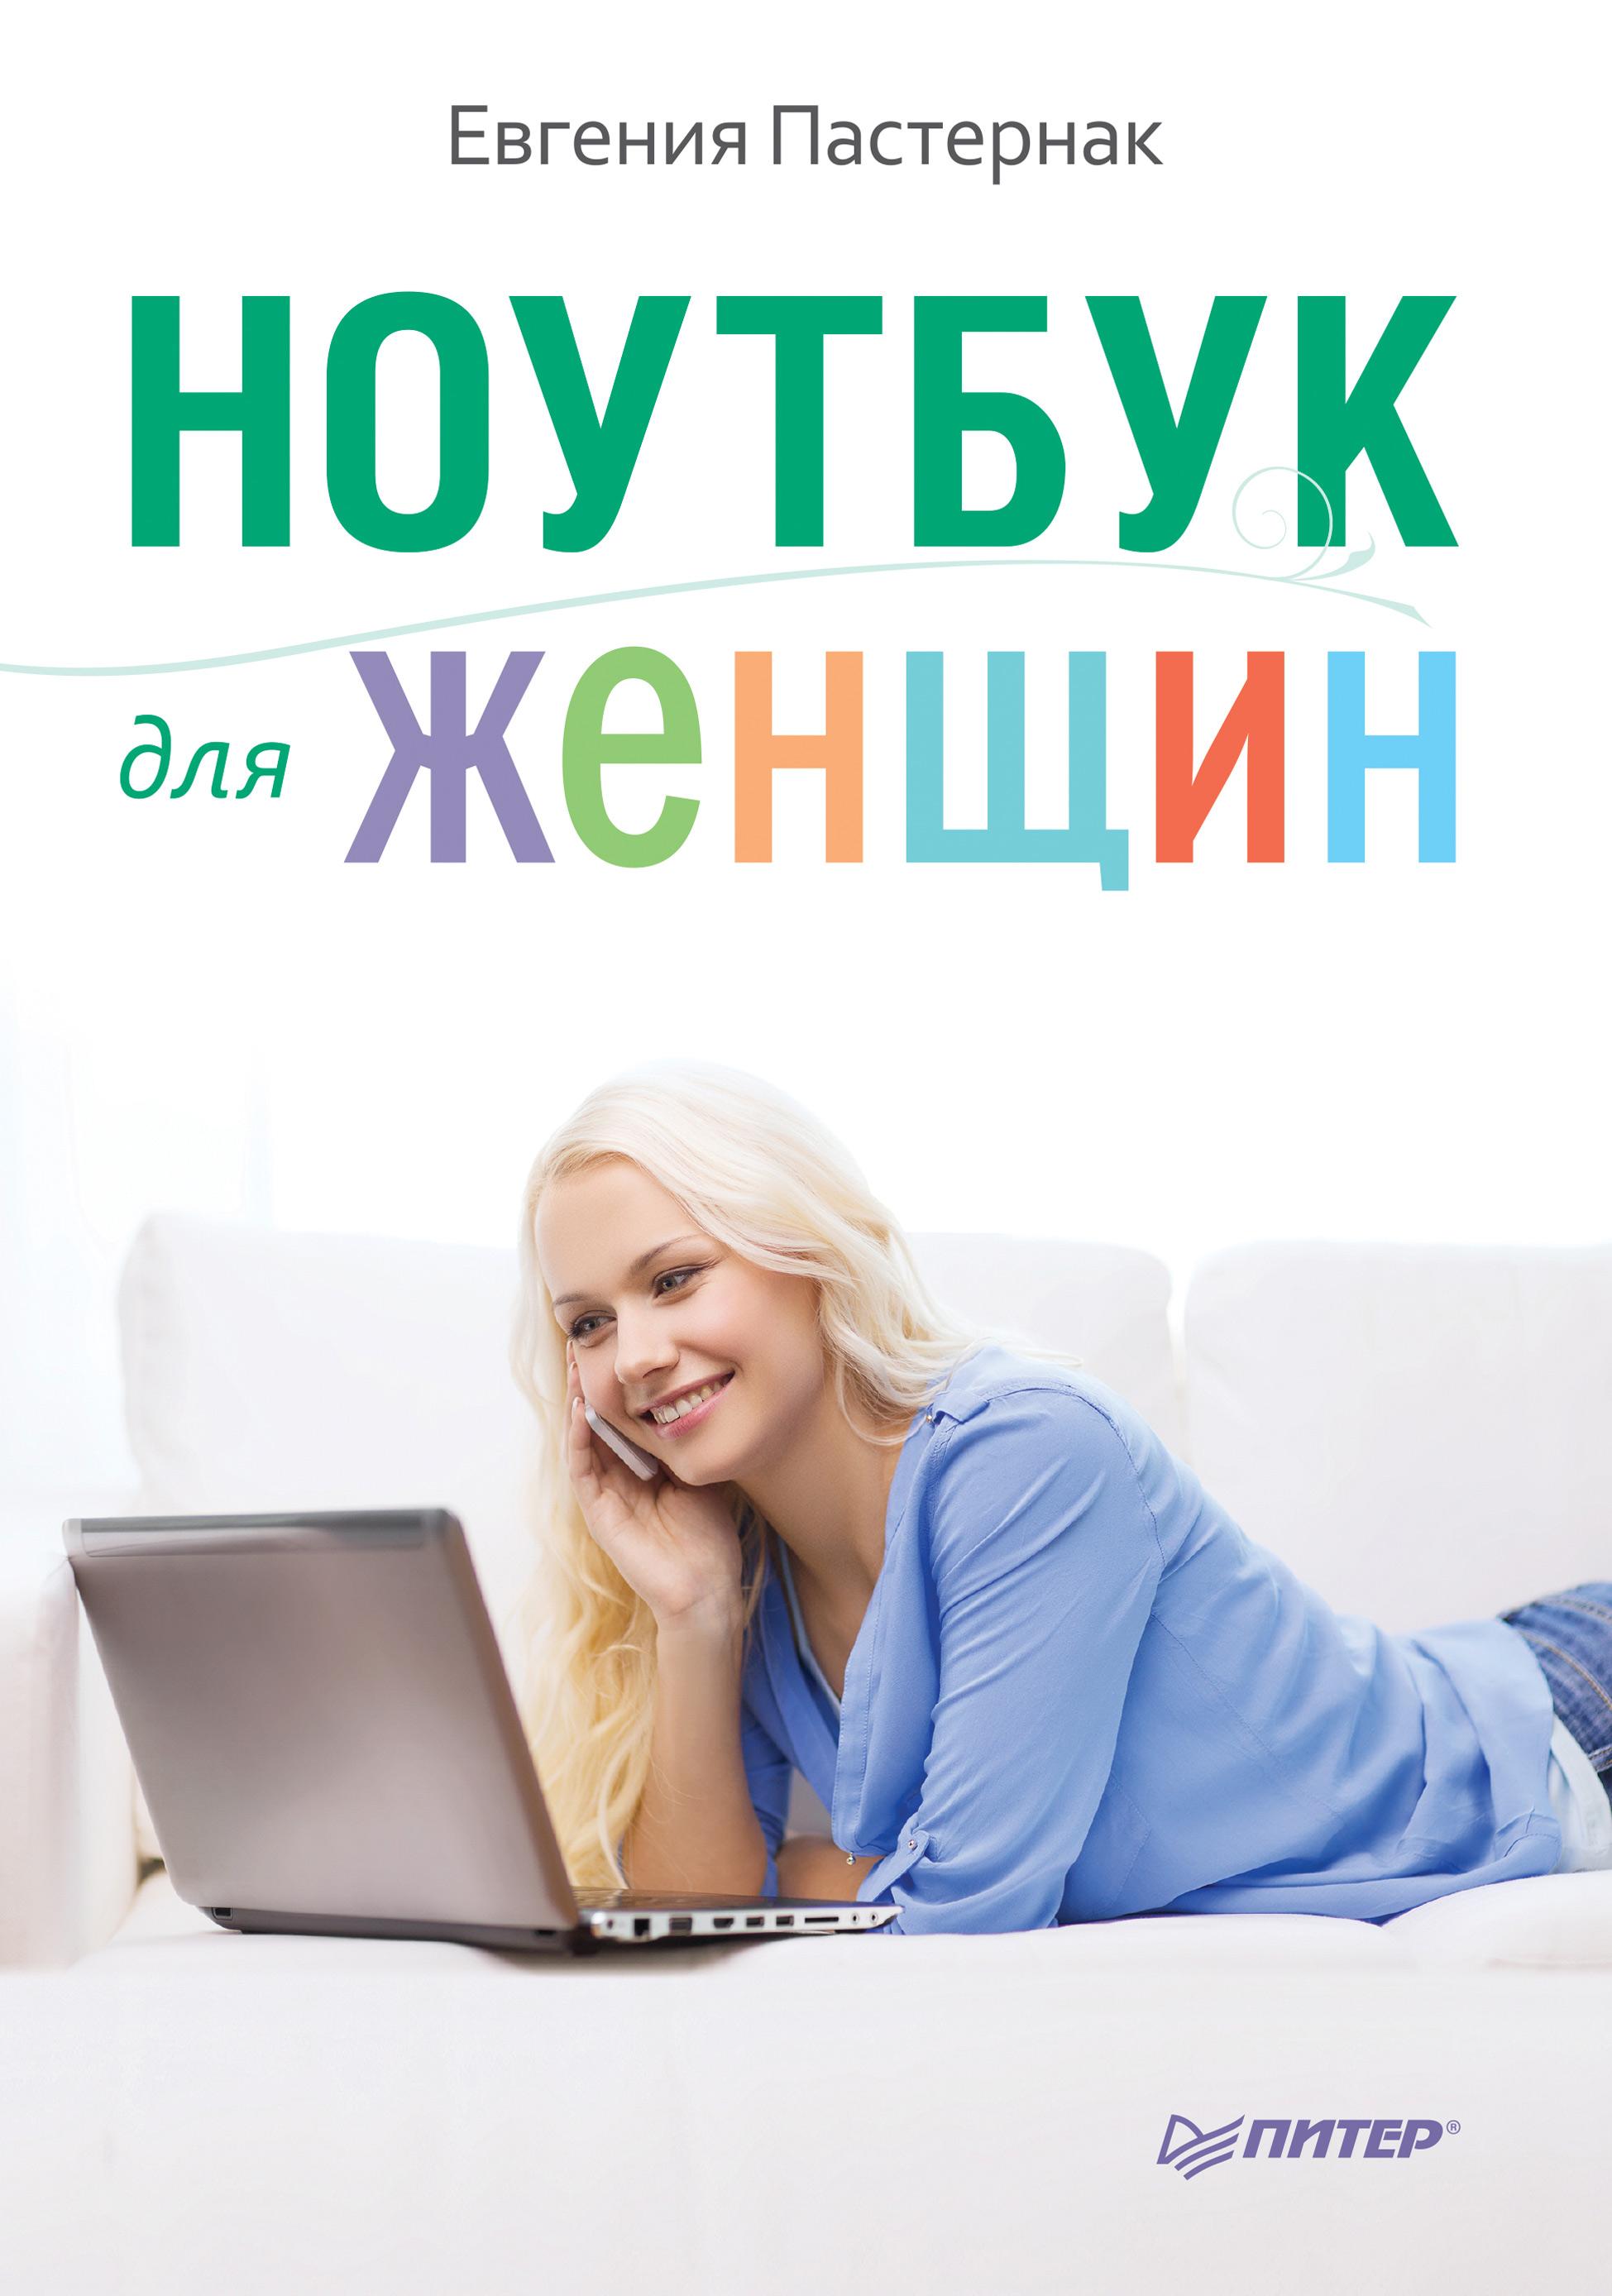 Евгения Пастернак Ноутбук для женщин евгения пастернак ноутбук для женщин изучаем windows 7